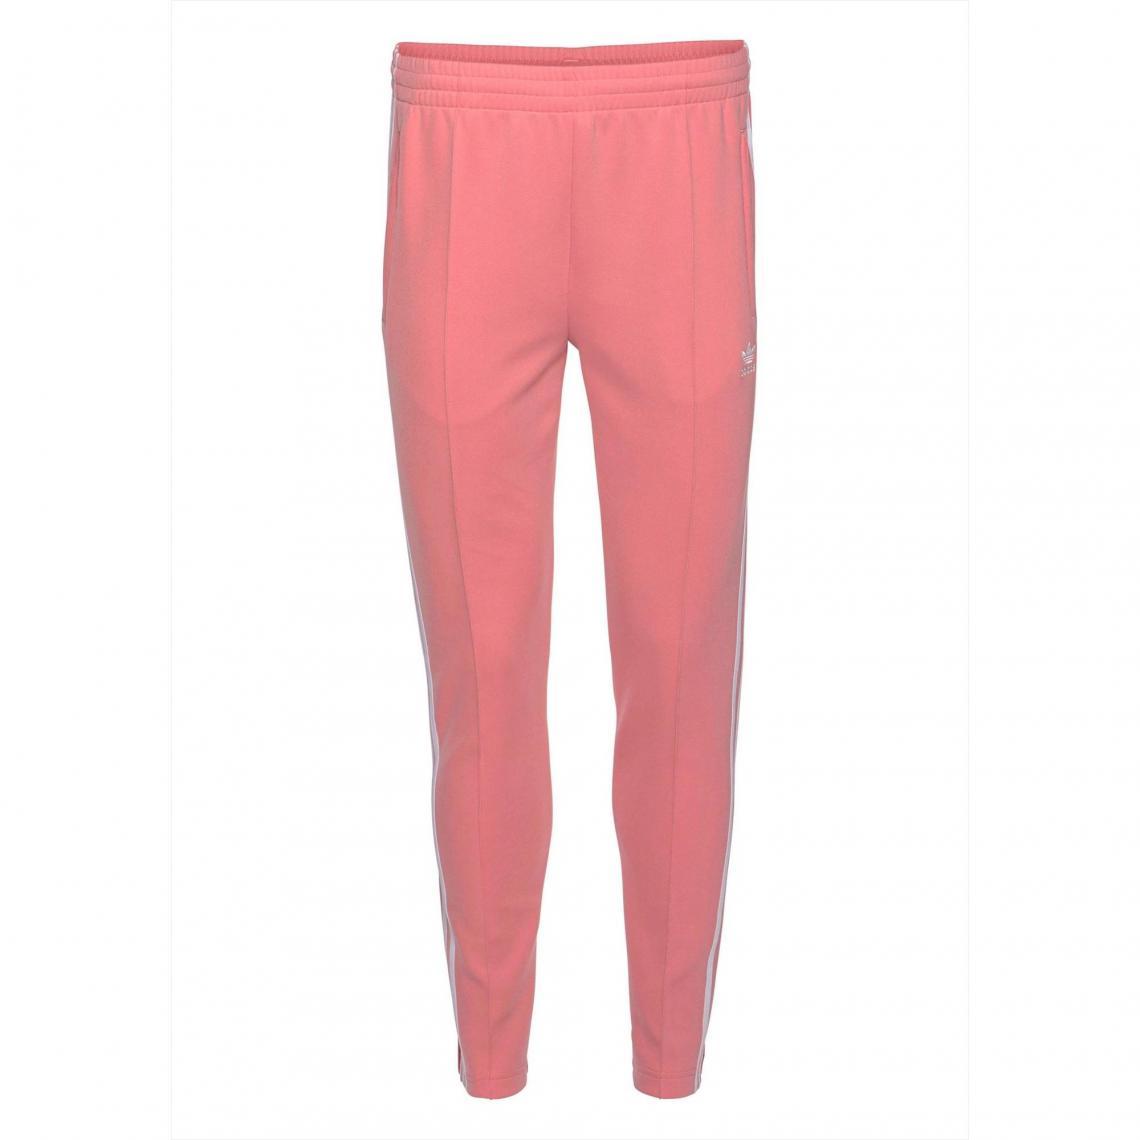 ddbb1187c8 Pantalon de sport SST TP femme adidas Originals® - Rouge Adidas Originals